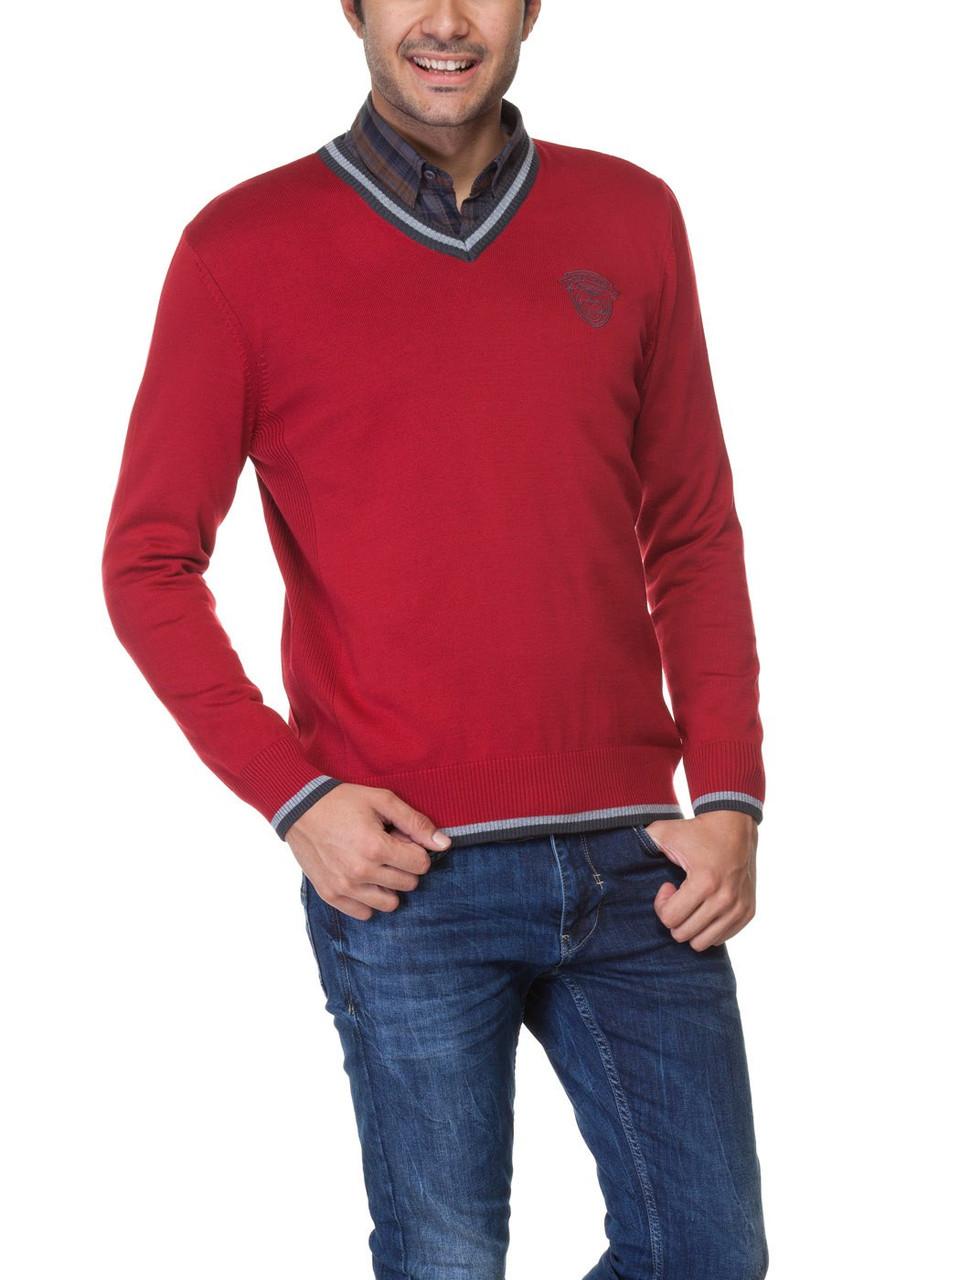 Мужской красный свитер LC Waikiki с фирменным логотипом